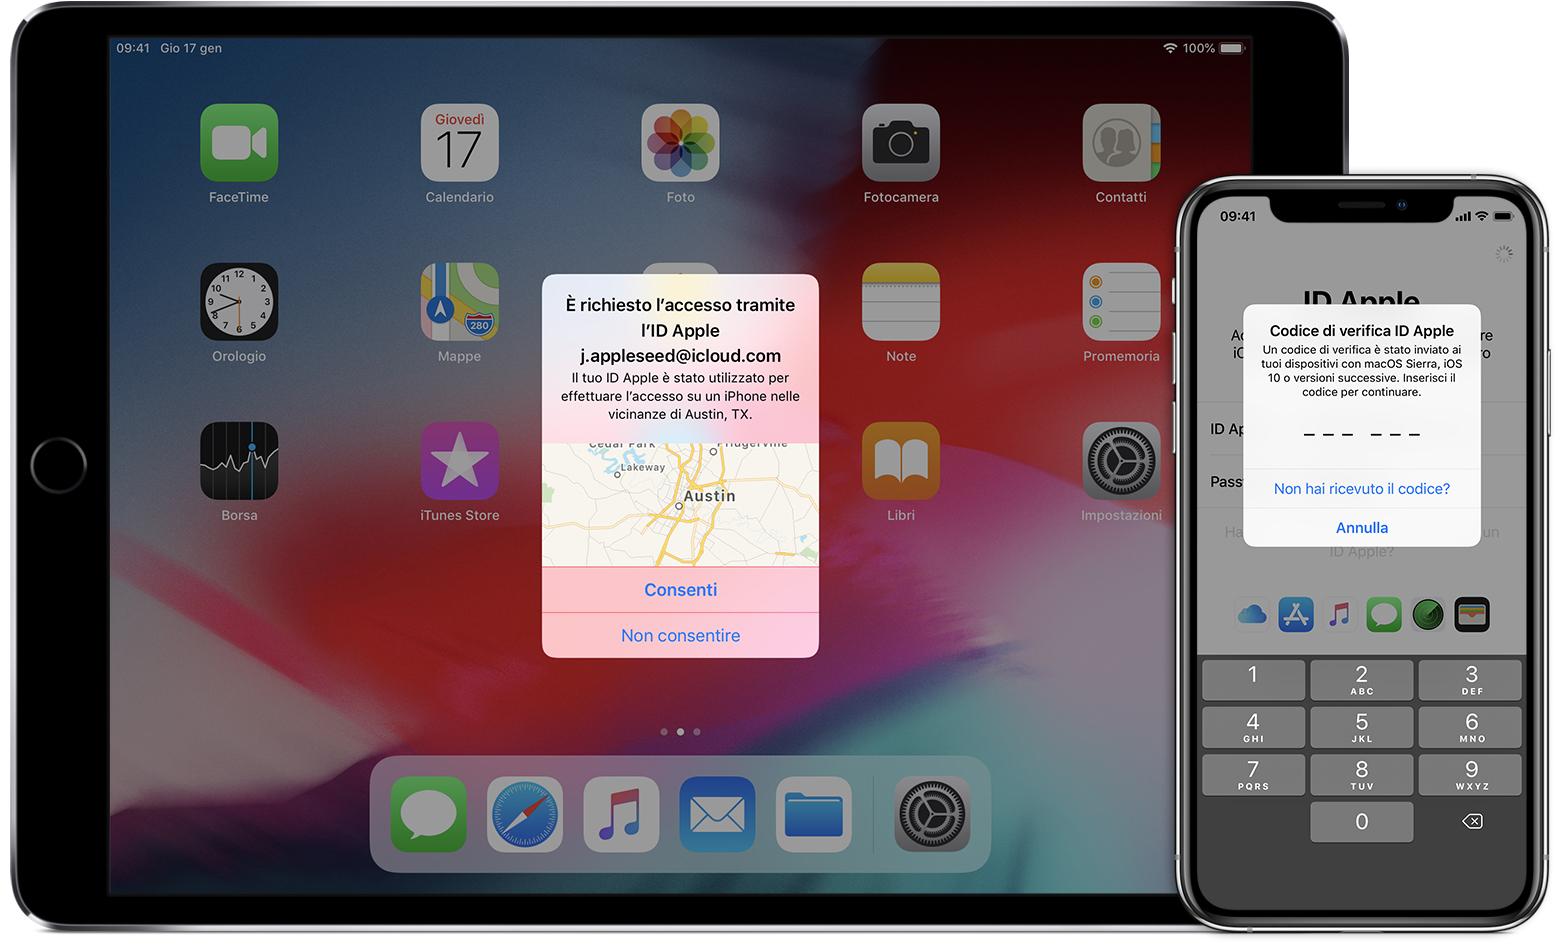 """Un utente ha citato in giudizio Apple: """"L'autenticazione a due fattori fa perdere tempo"""""""